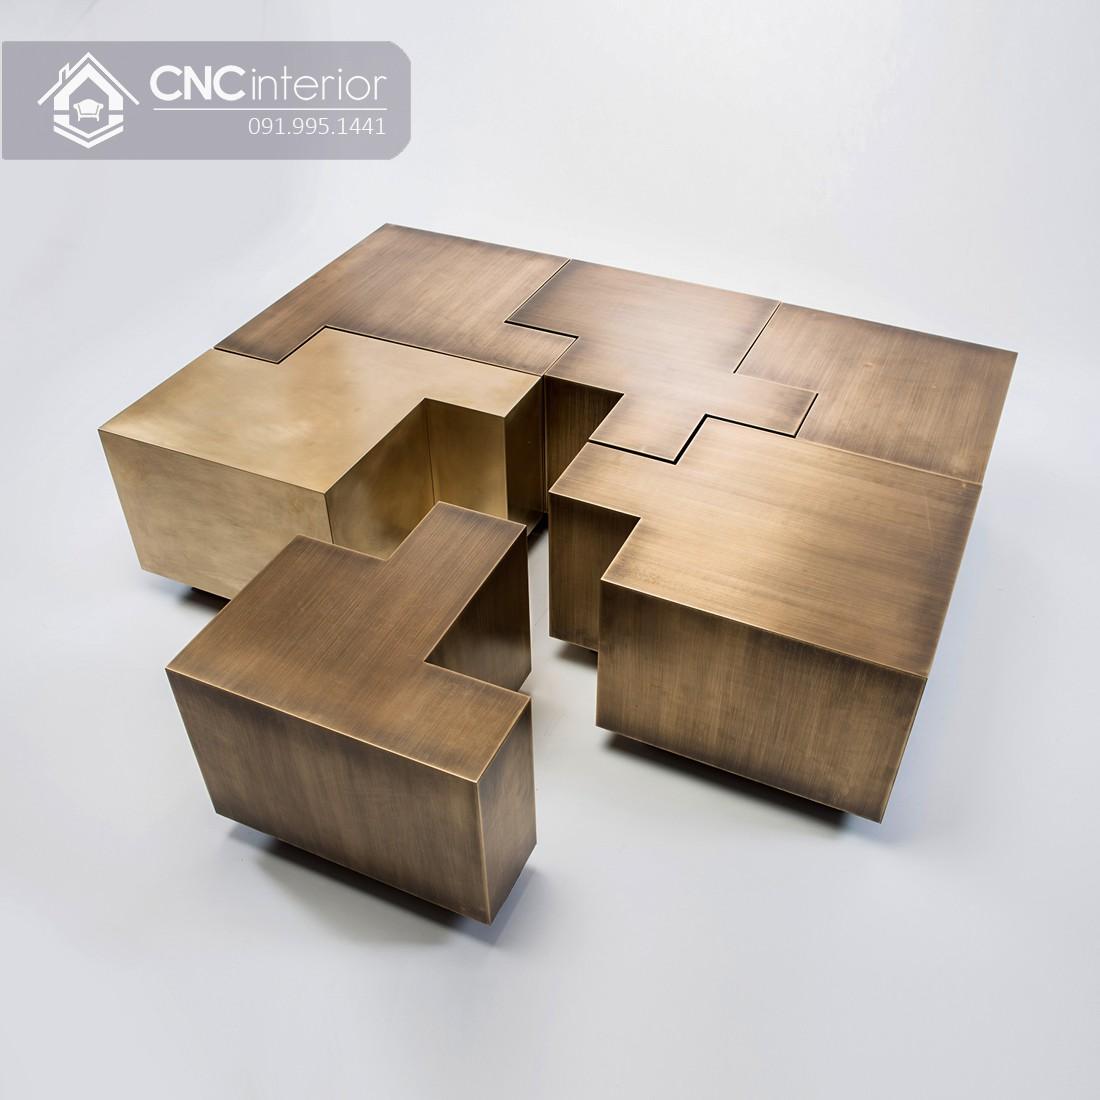 Bàn trà hình chữ nhật bằng gỗ công nghiệp CNC 05 1